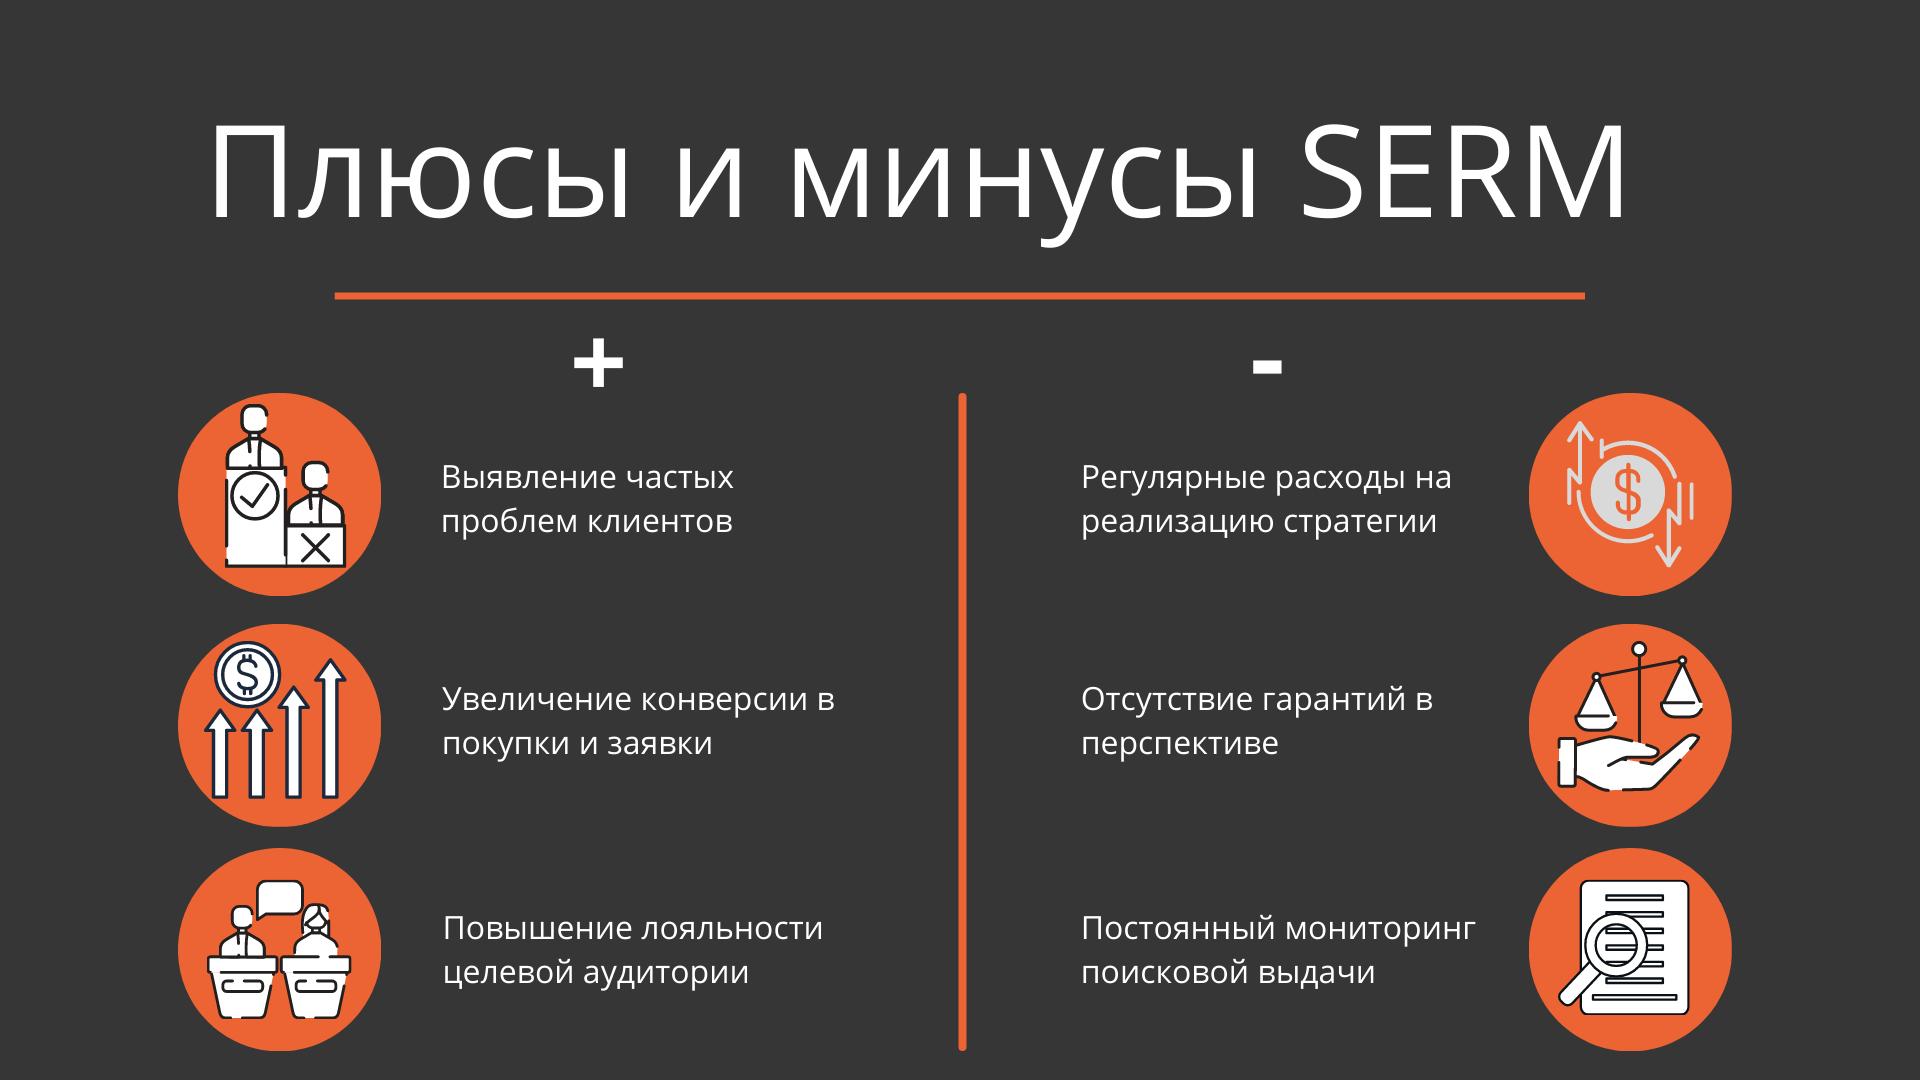 Плюсы и минусы SERM